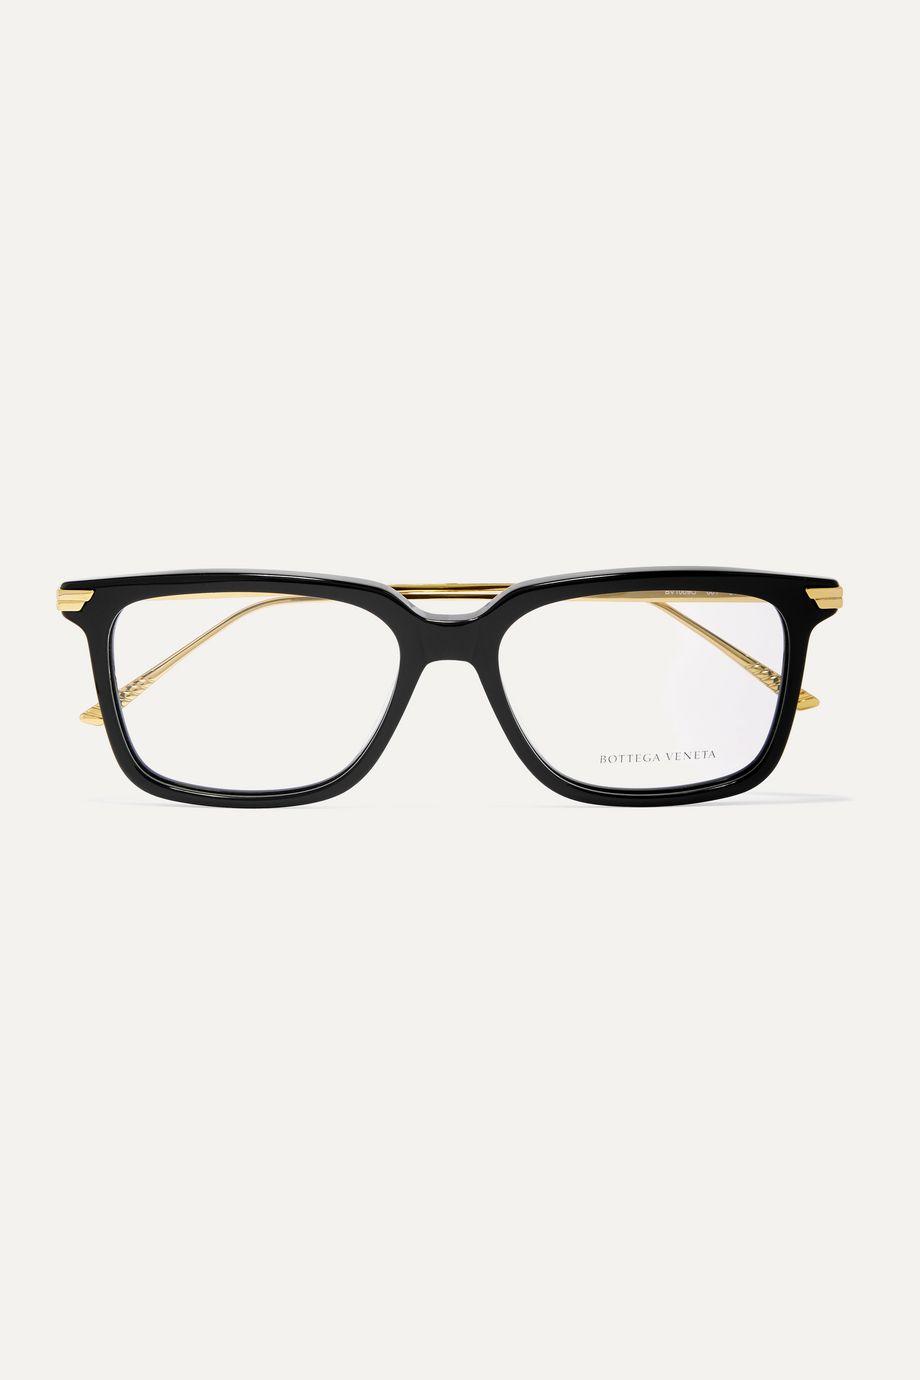 Bottega Veneta Light Ribbon square-frame acetate and gold-tone optical glasses